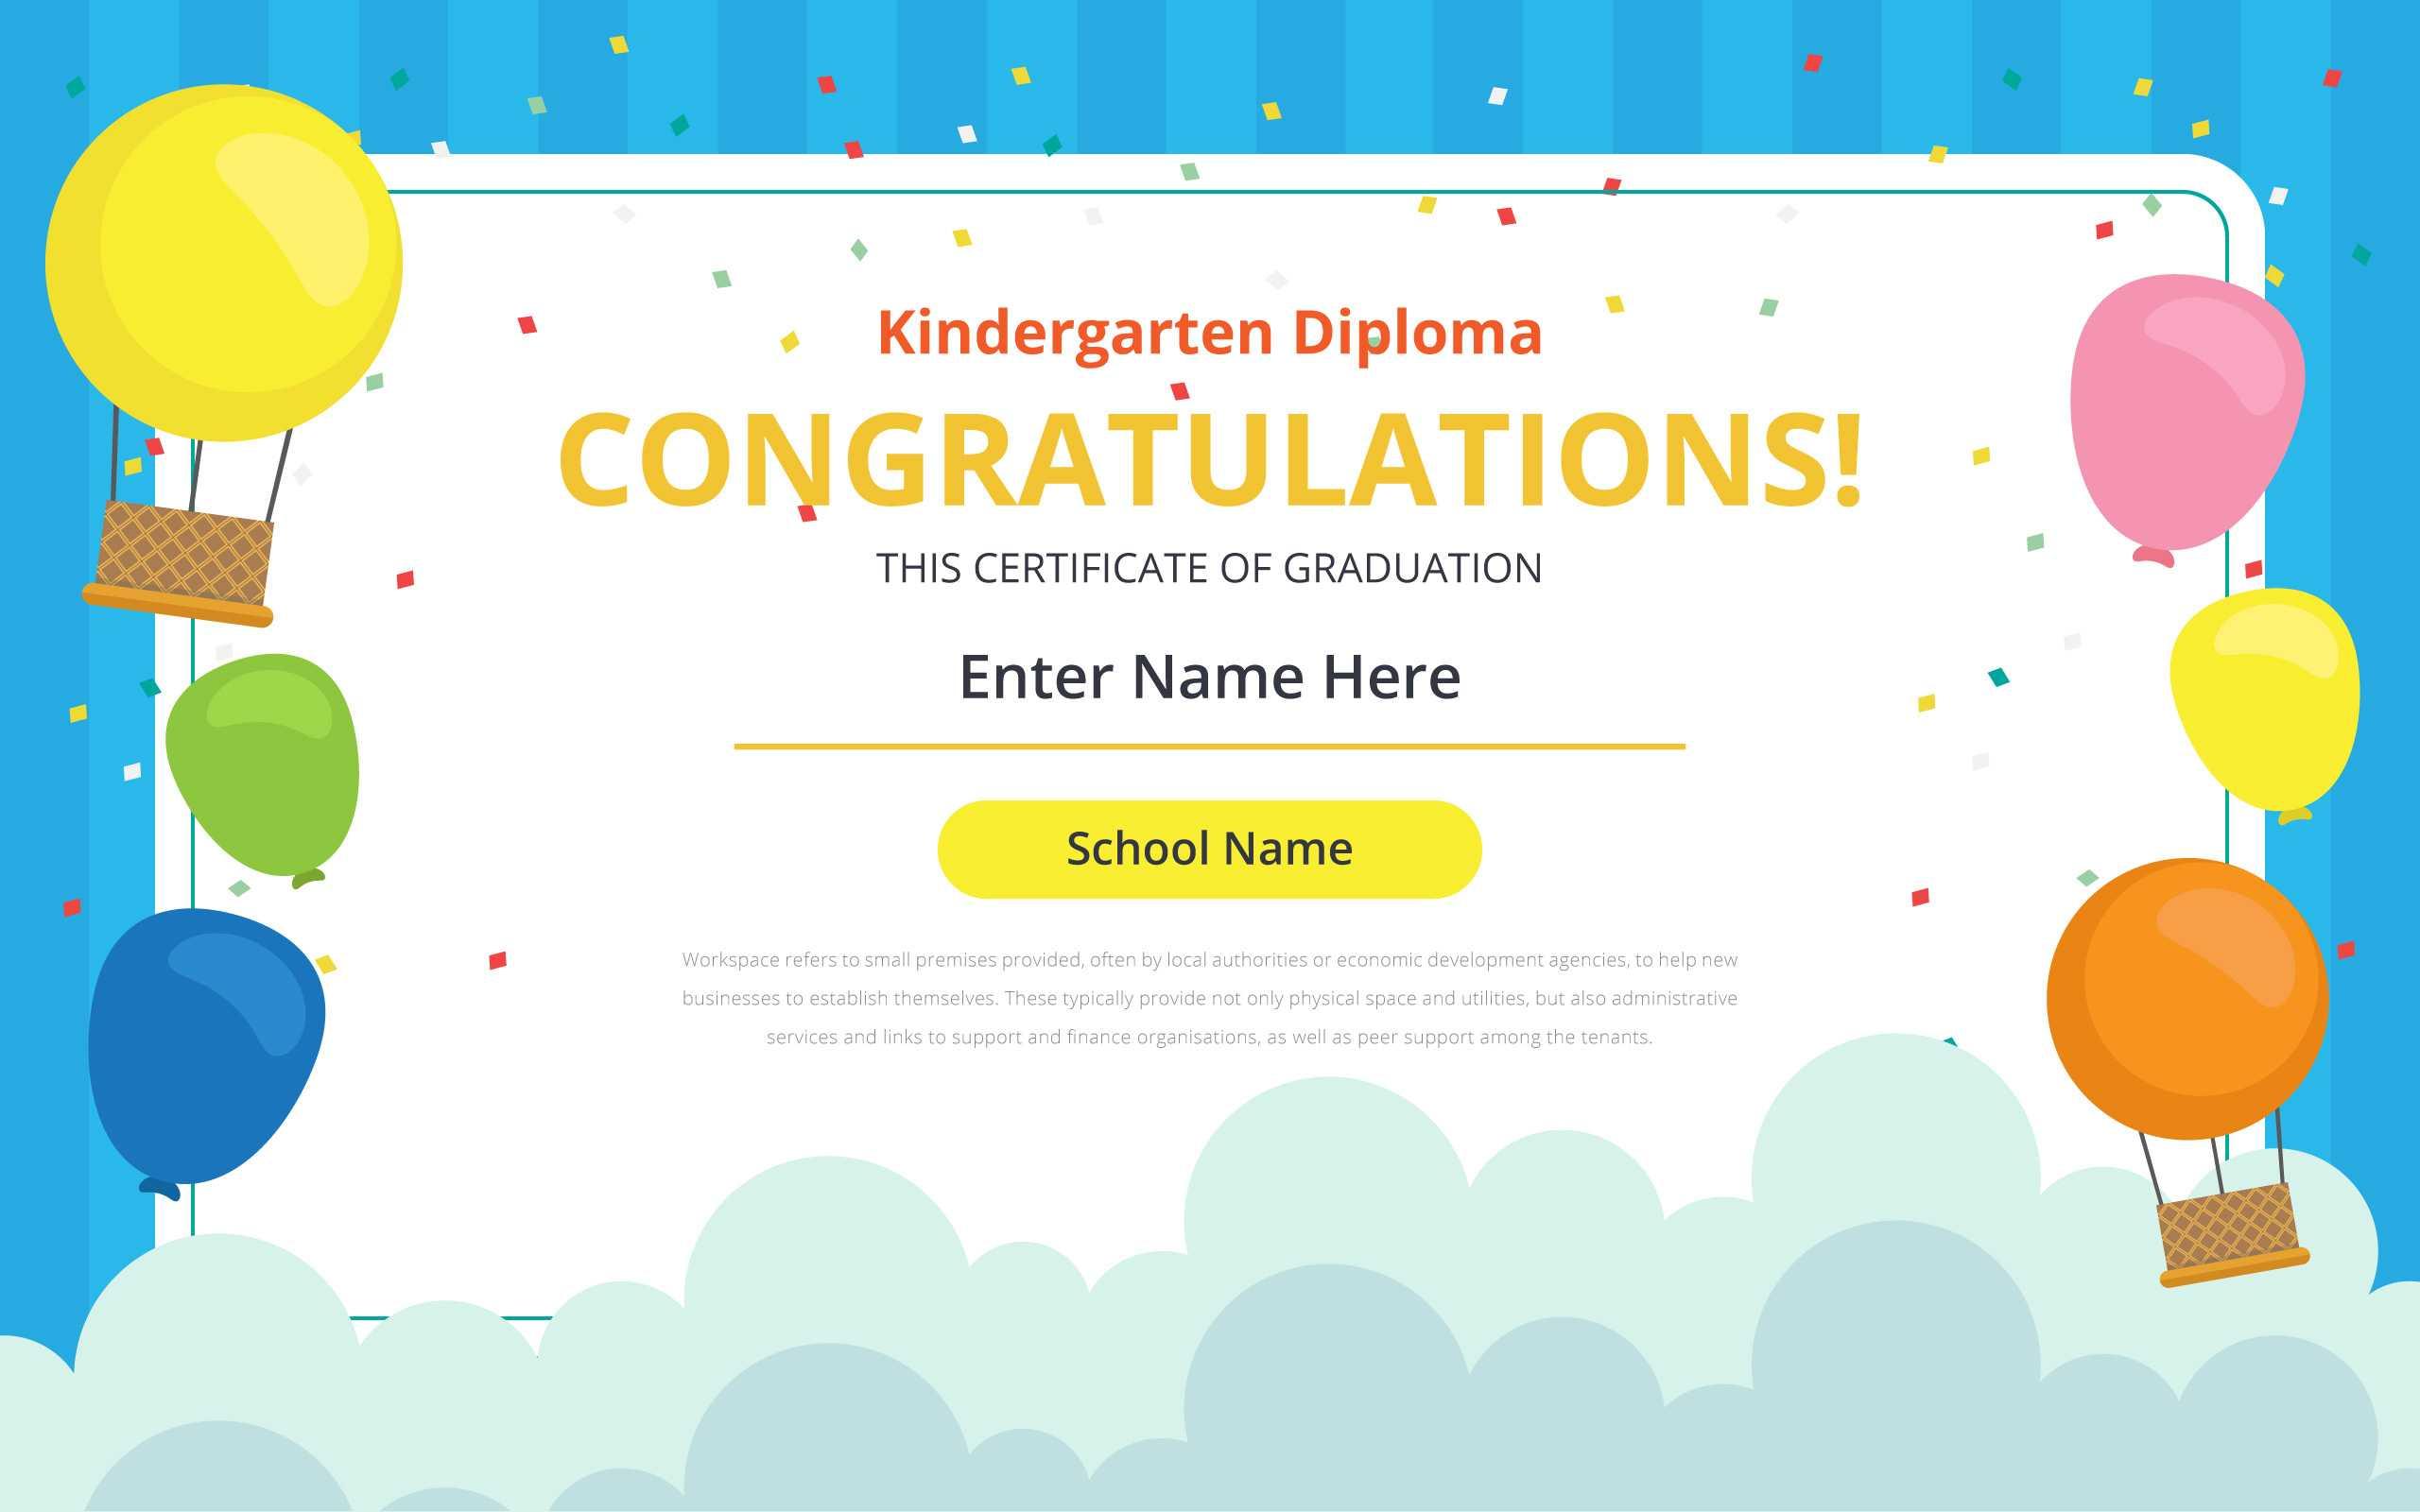 Kindergarten Certificate Free Vector Art – (21 Free Downloads) Regarding Preschool Graduation Certificate Template Free